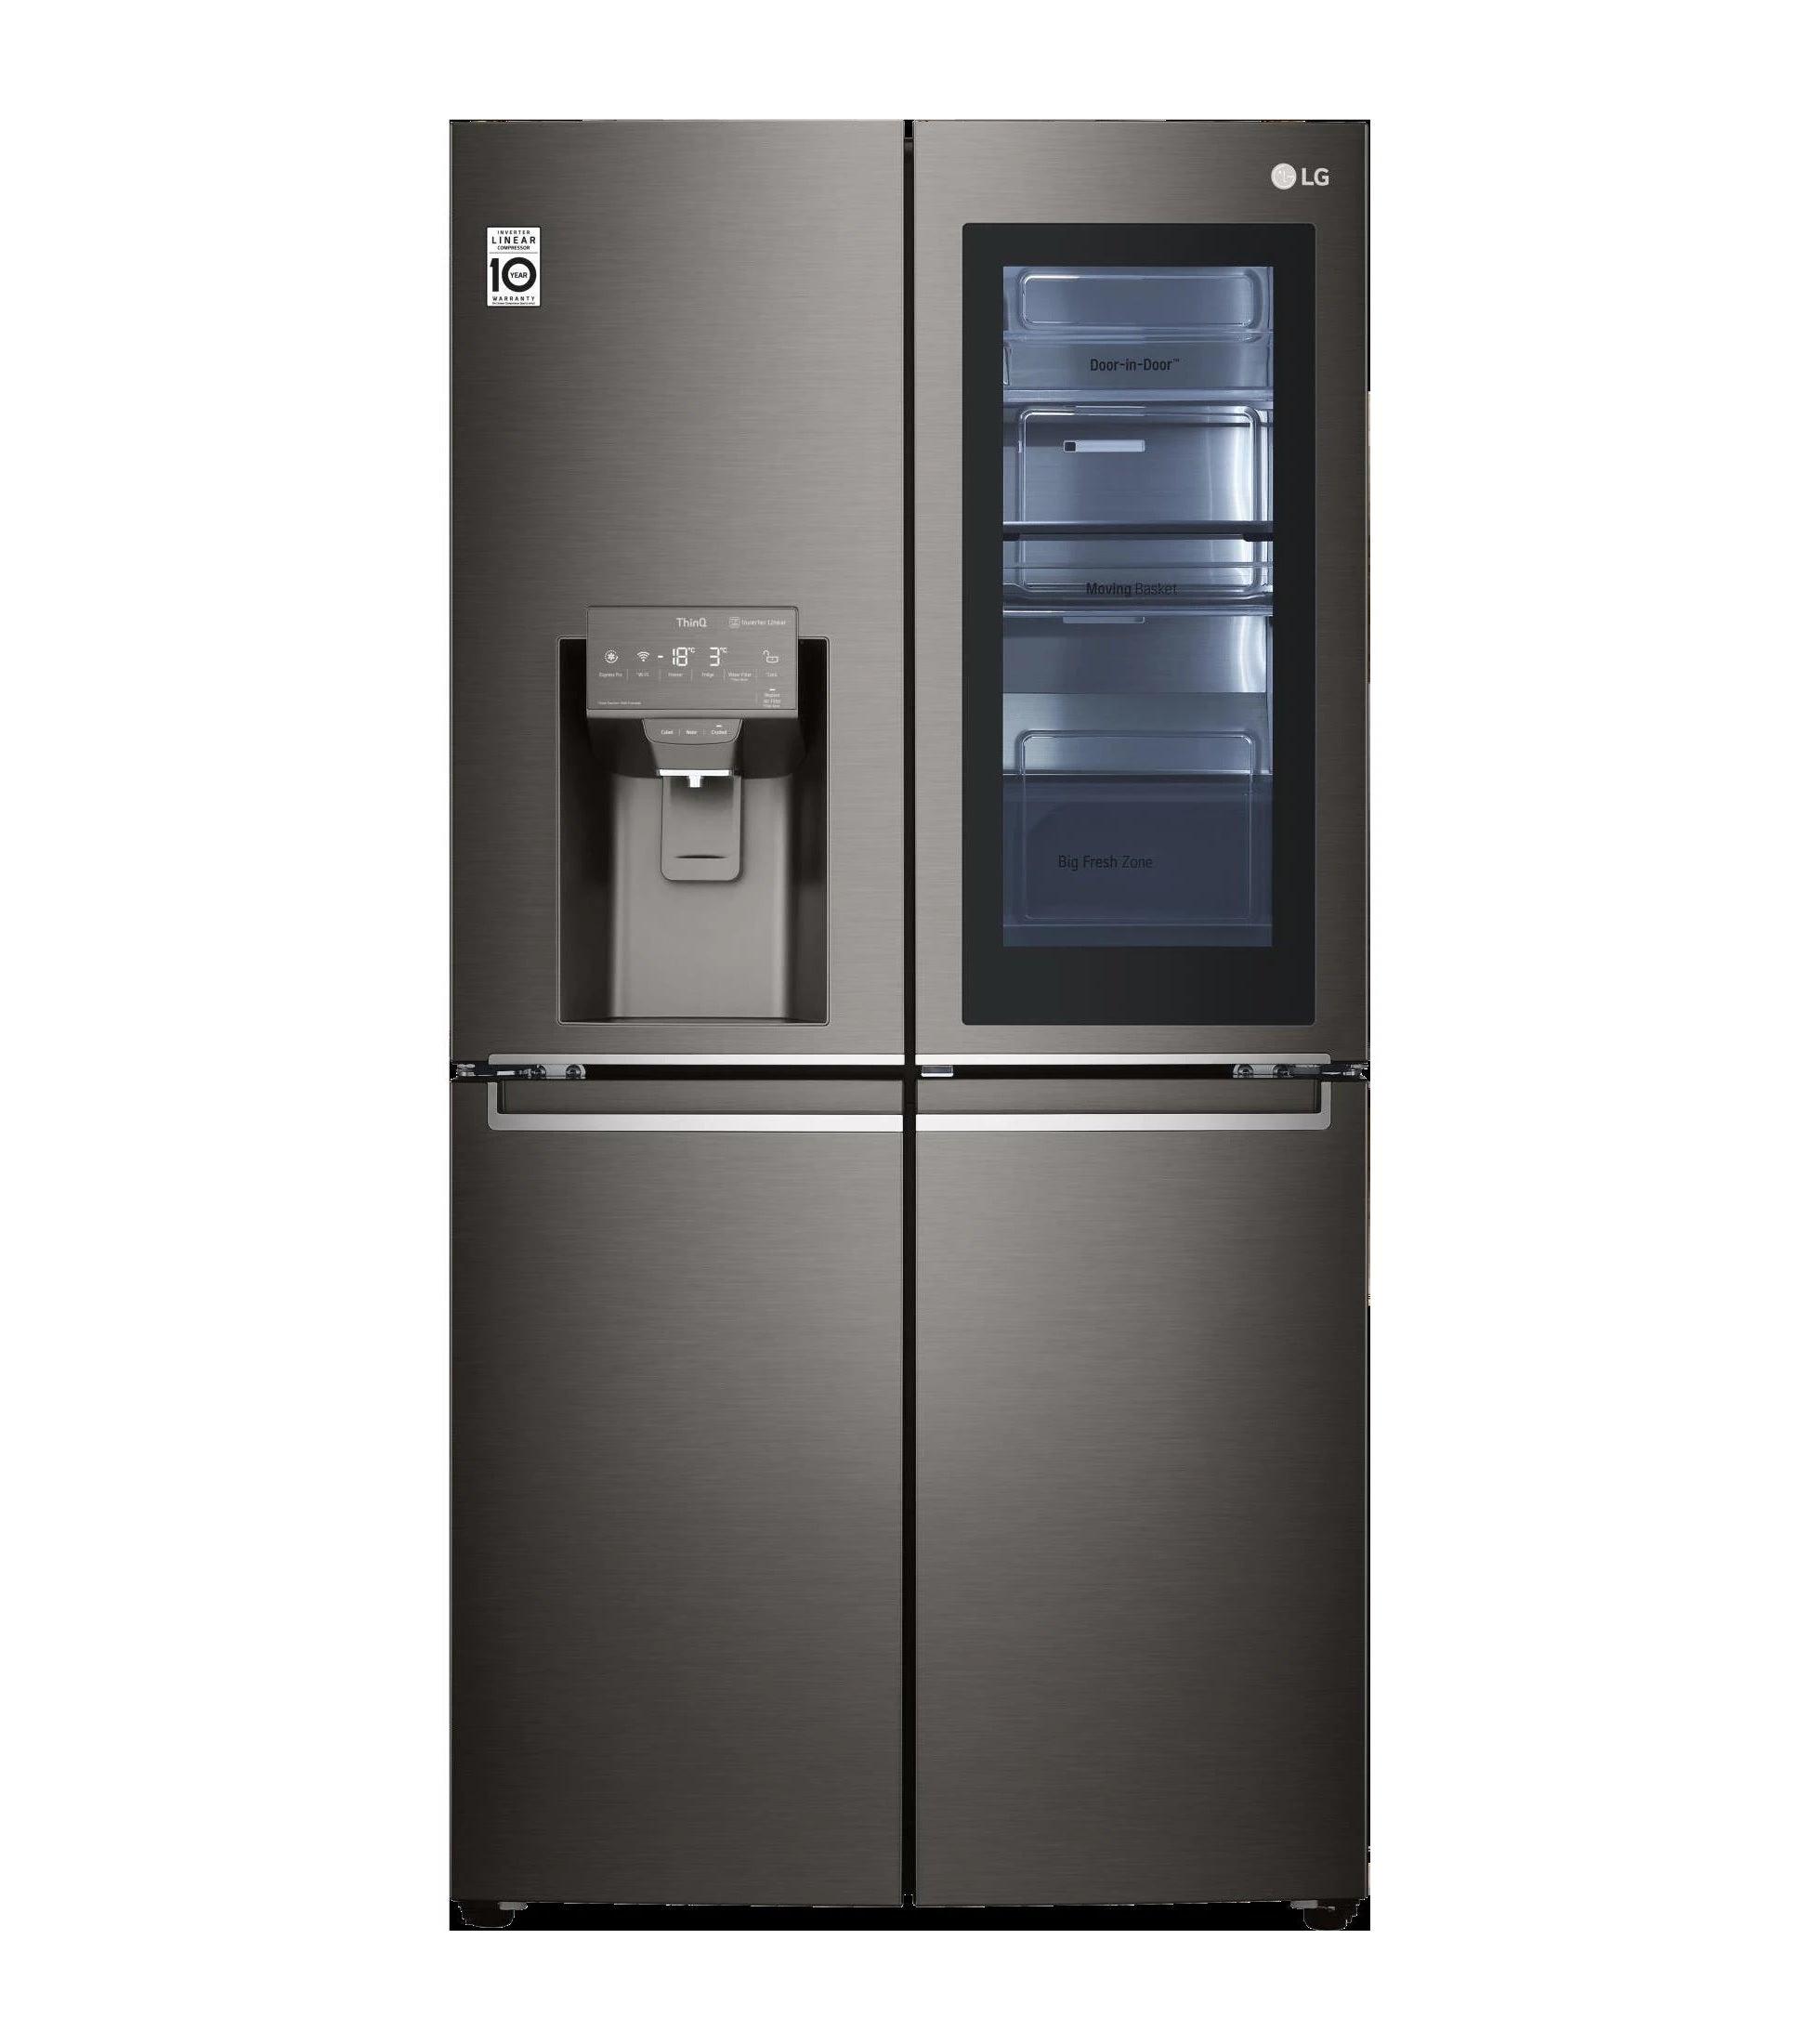 LG GFV706BSL Refrigerator